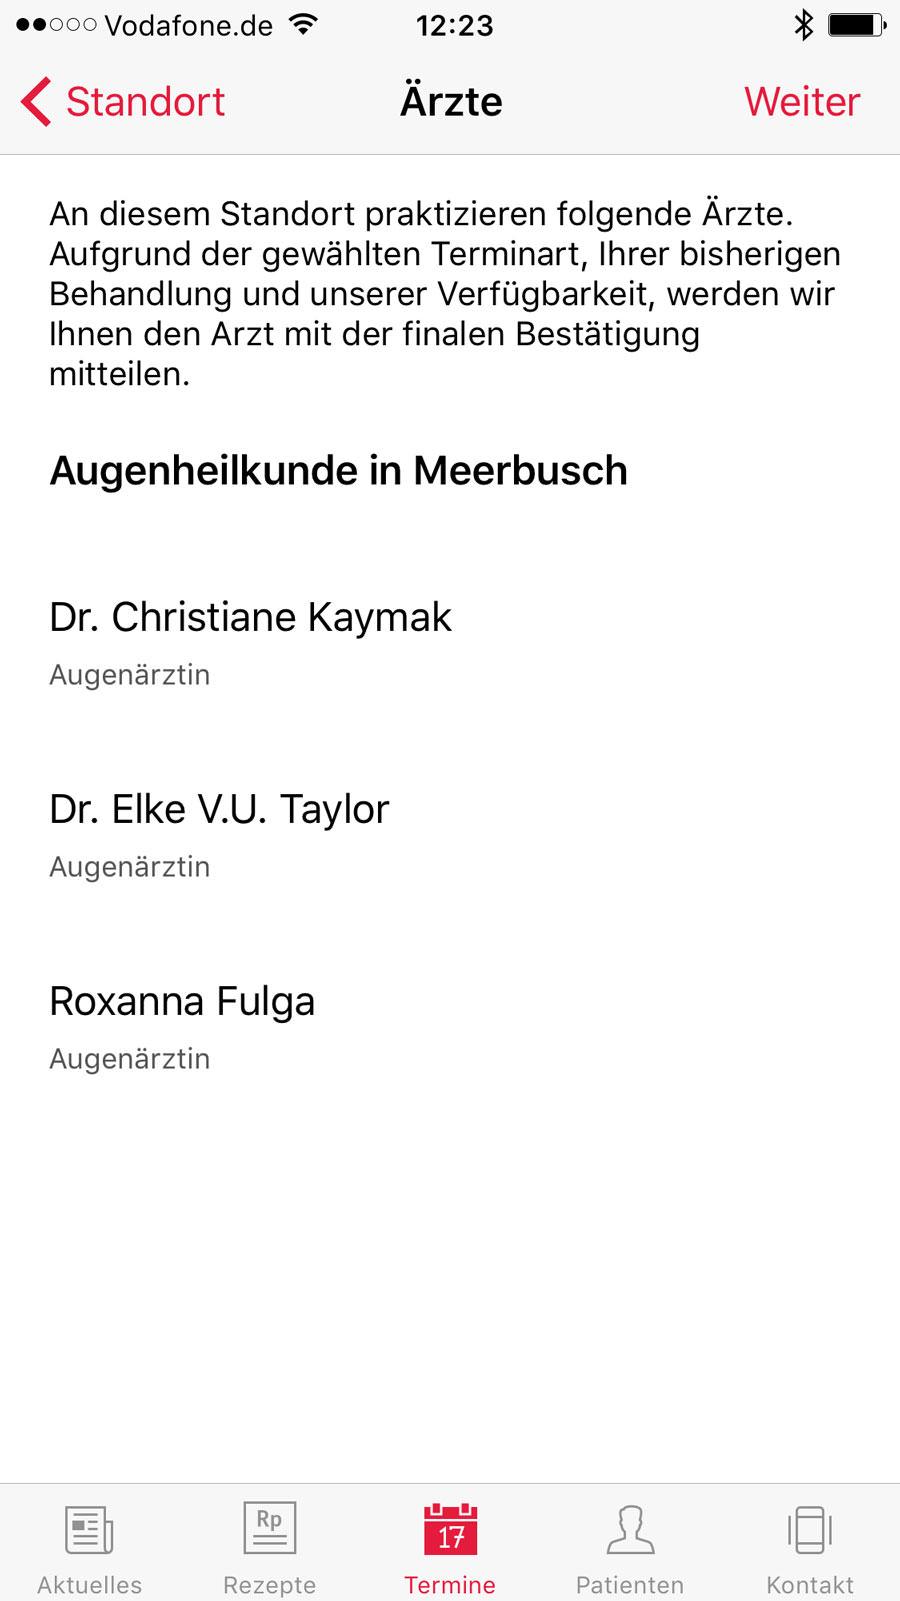 Screenshot der Ärzteauswahl